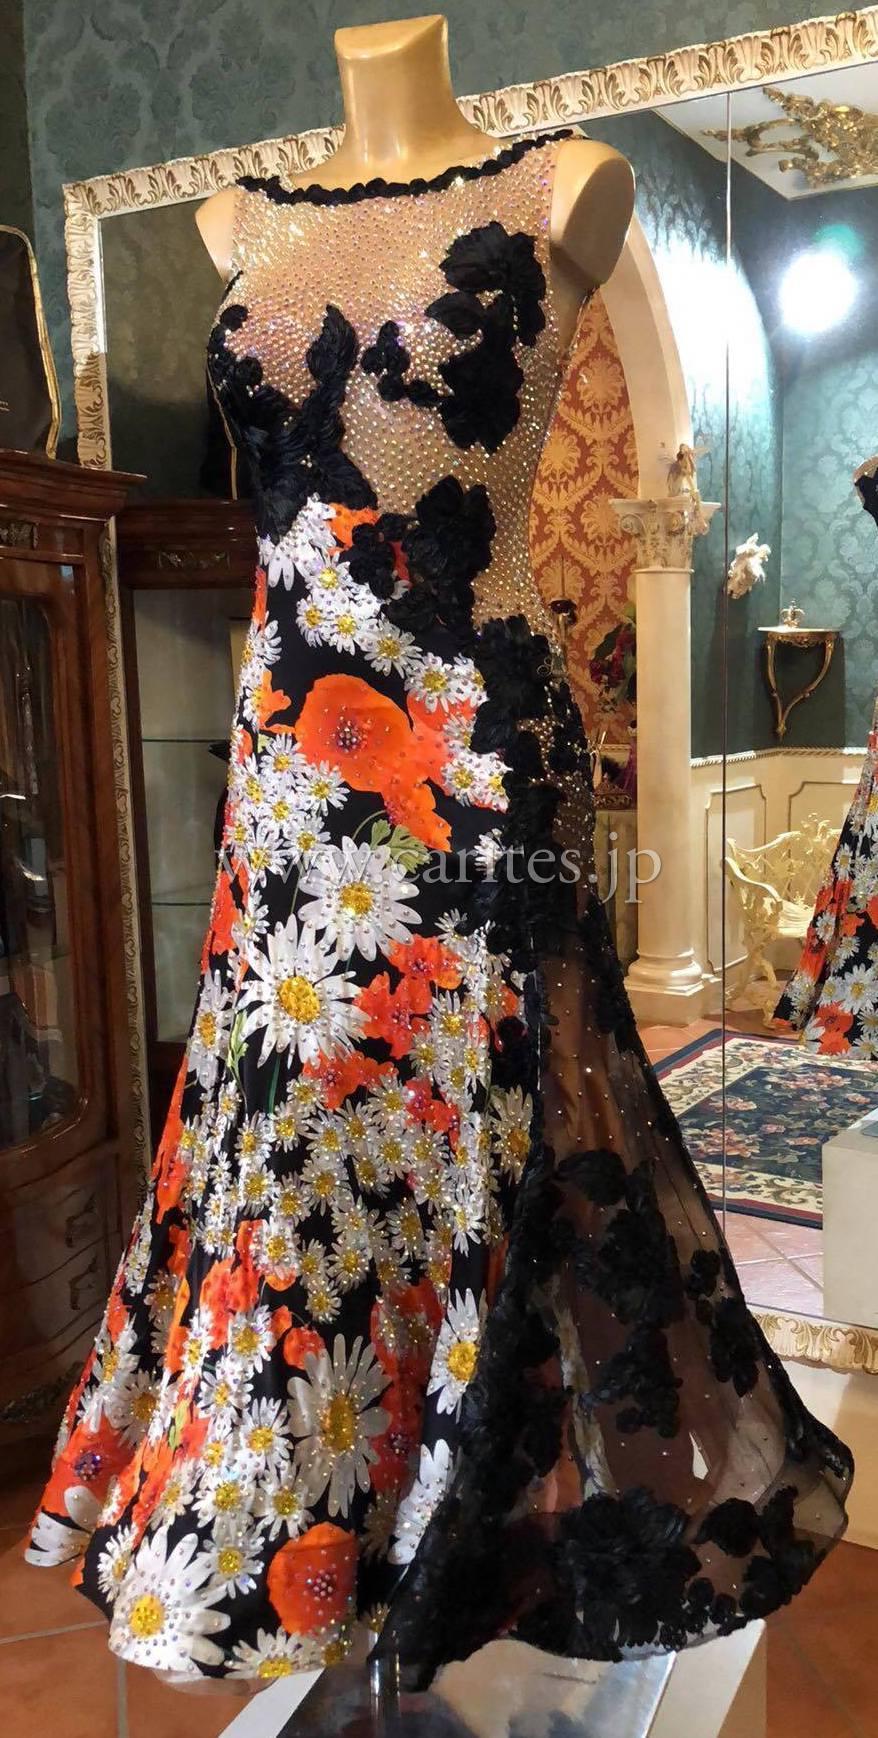 SD137・【新品】オレンジ黒&花柄【Dolce&Gabbana】